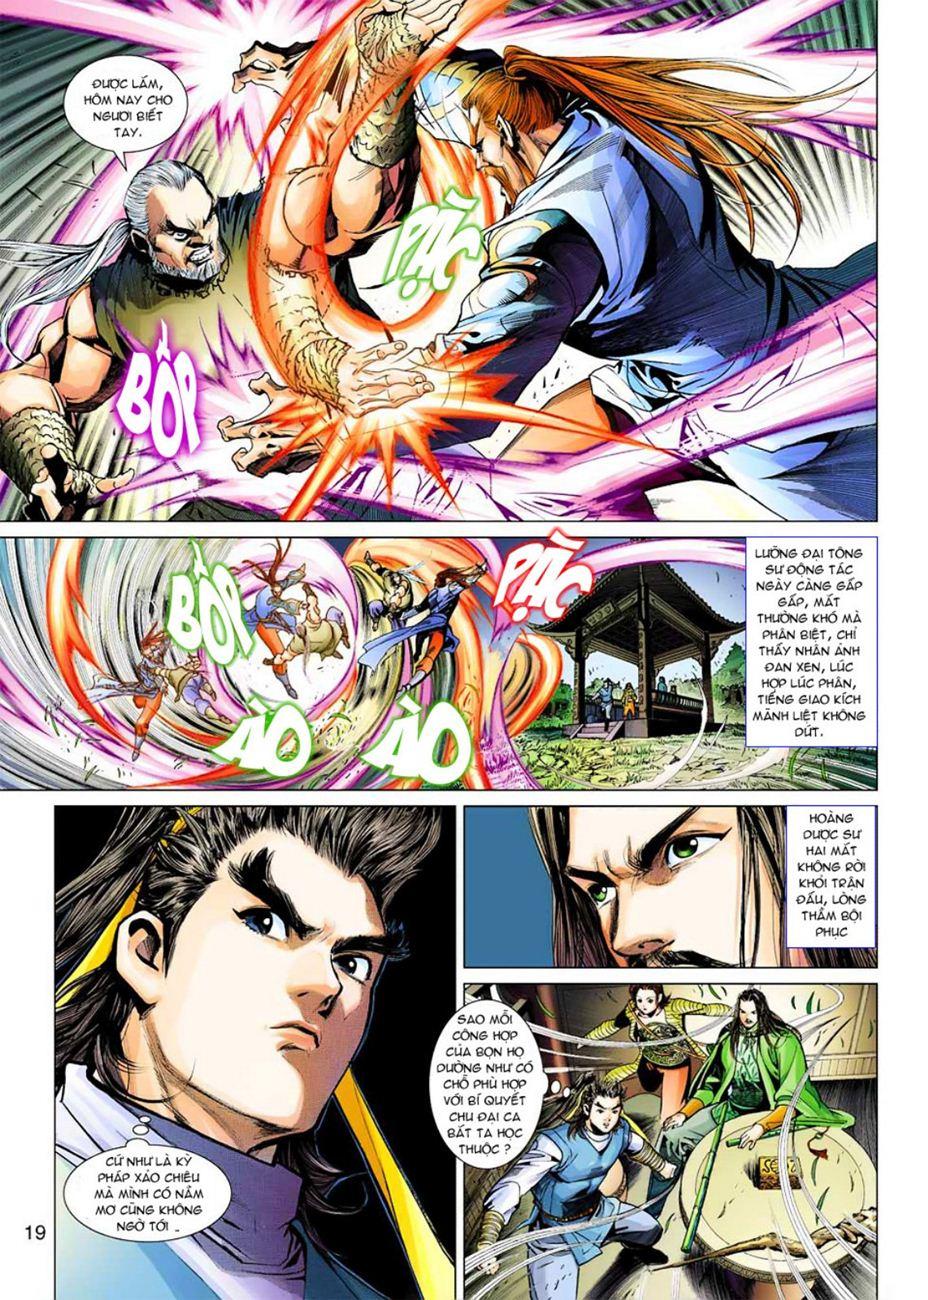 Anh Hùng Xạ Điêu anh hùng xạ đêu chap 45 trang 19